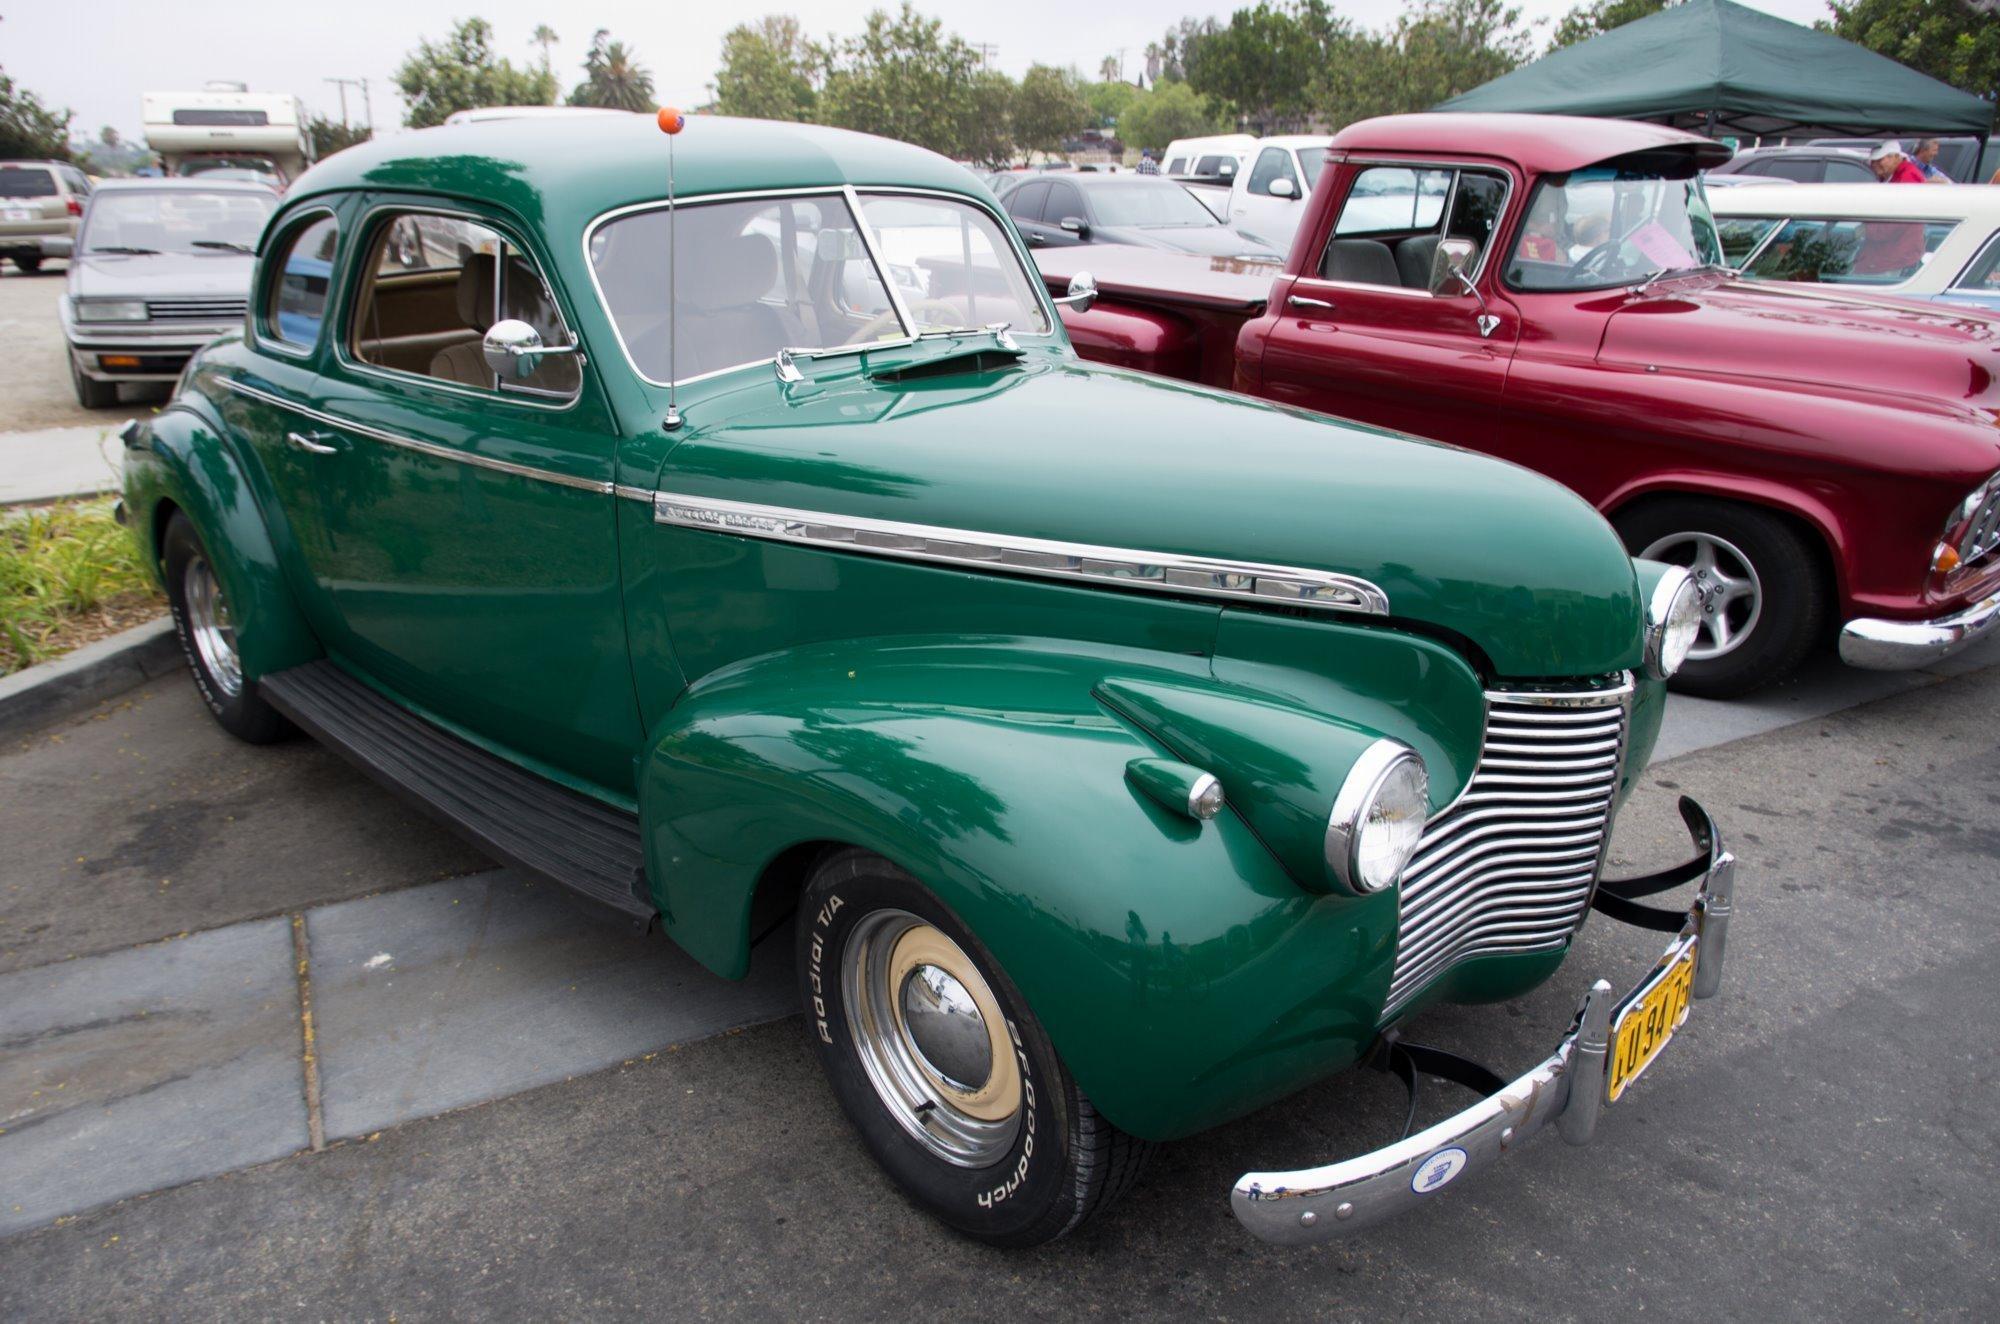 More cars  Vista Part 1 - PentaxForums com